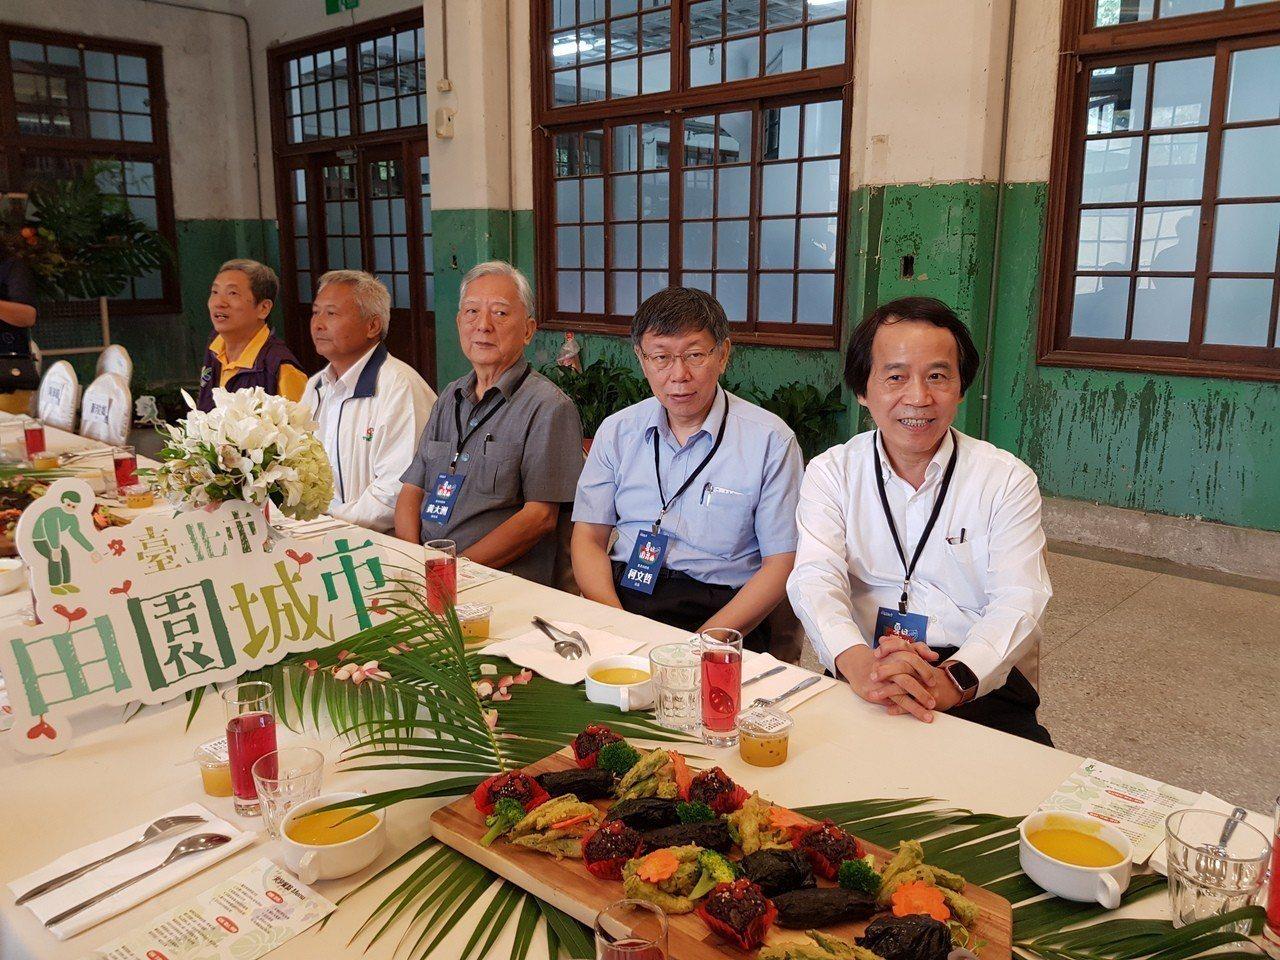 台北市長柯文哲(右二)今天與市政顧問、前市長黃大洲(右三)一起到出席田園城市成果...